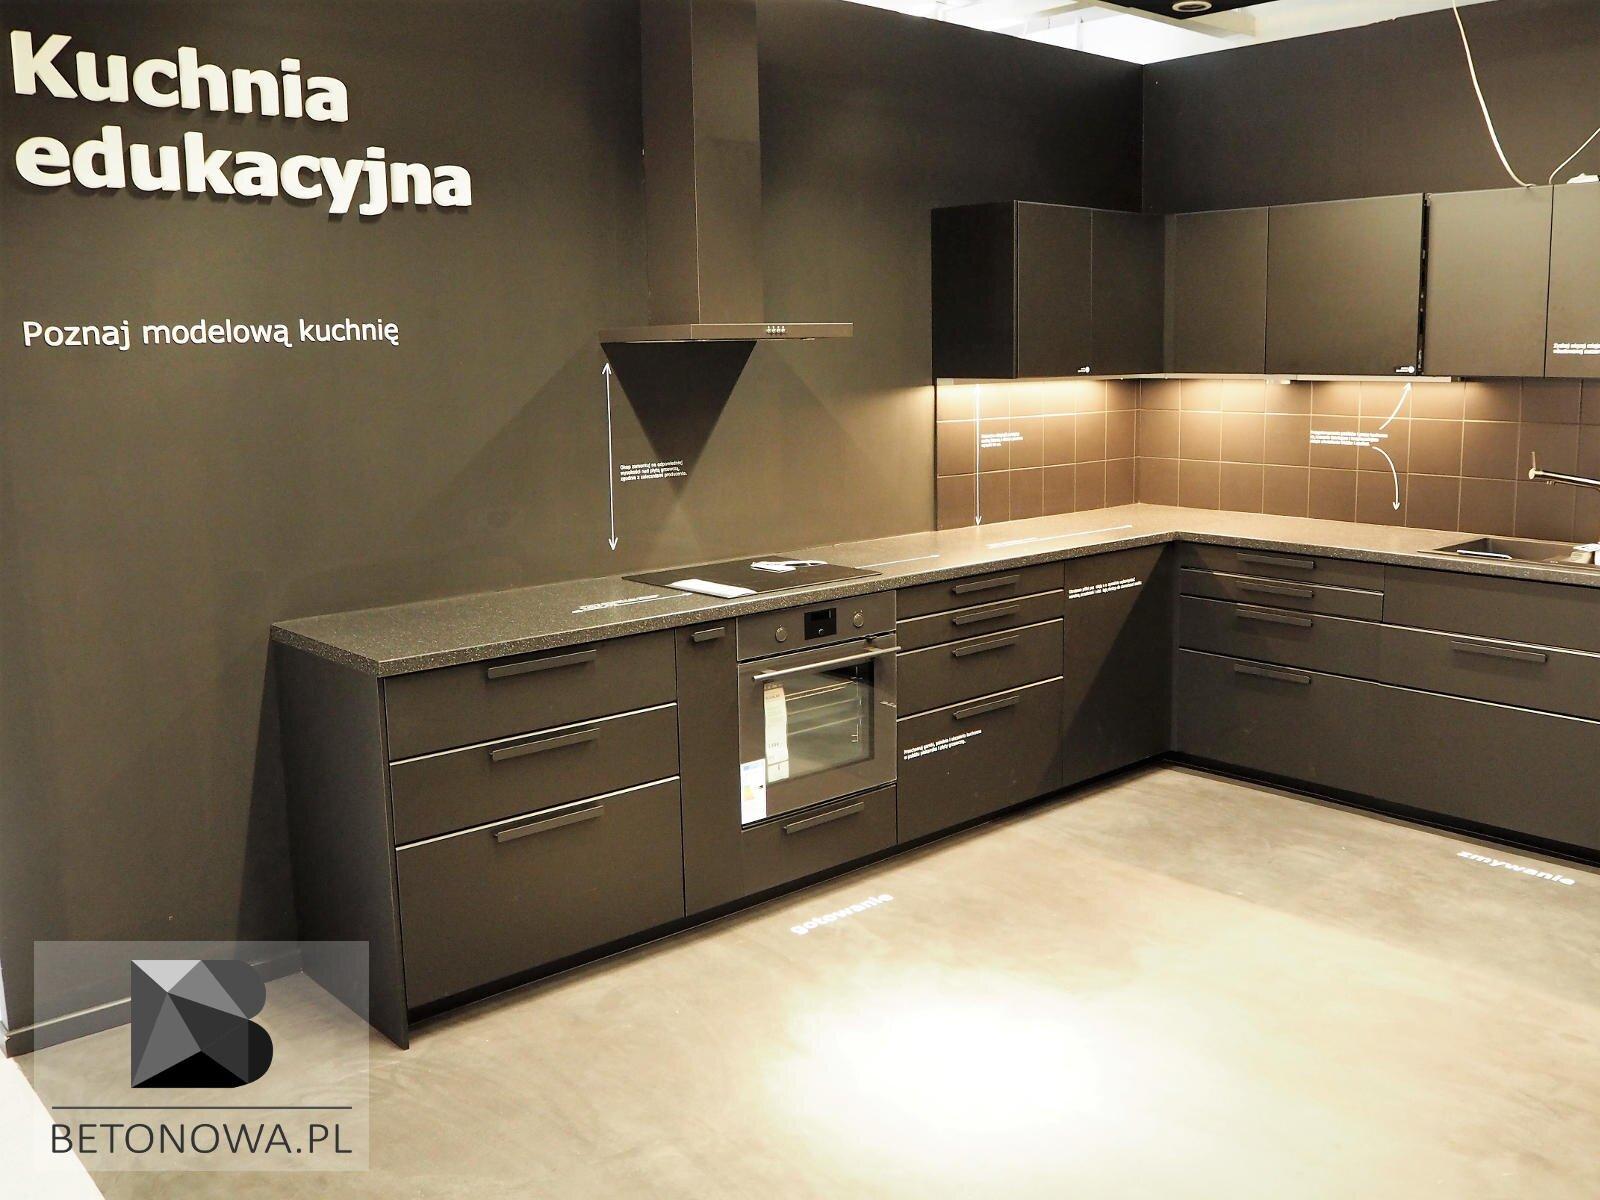 Kuchnia Edukacyjna Krakow Posadzka Dekoracyjna Betonowa